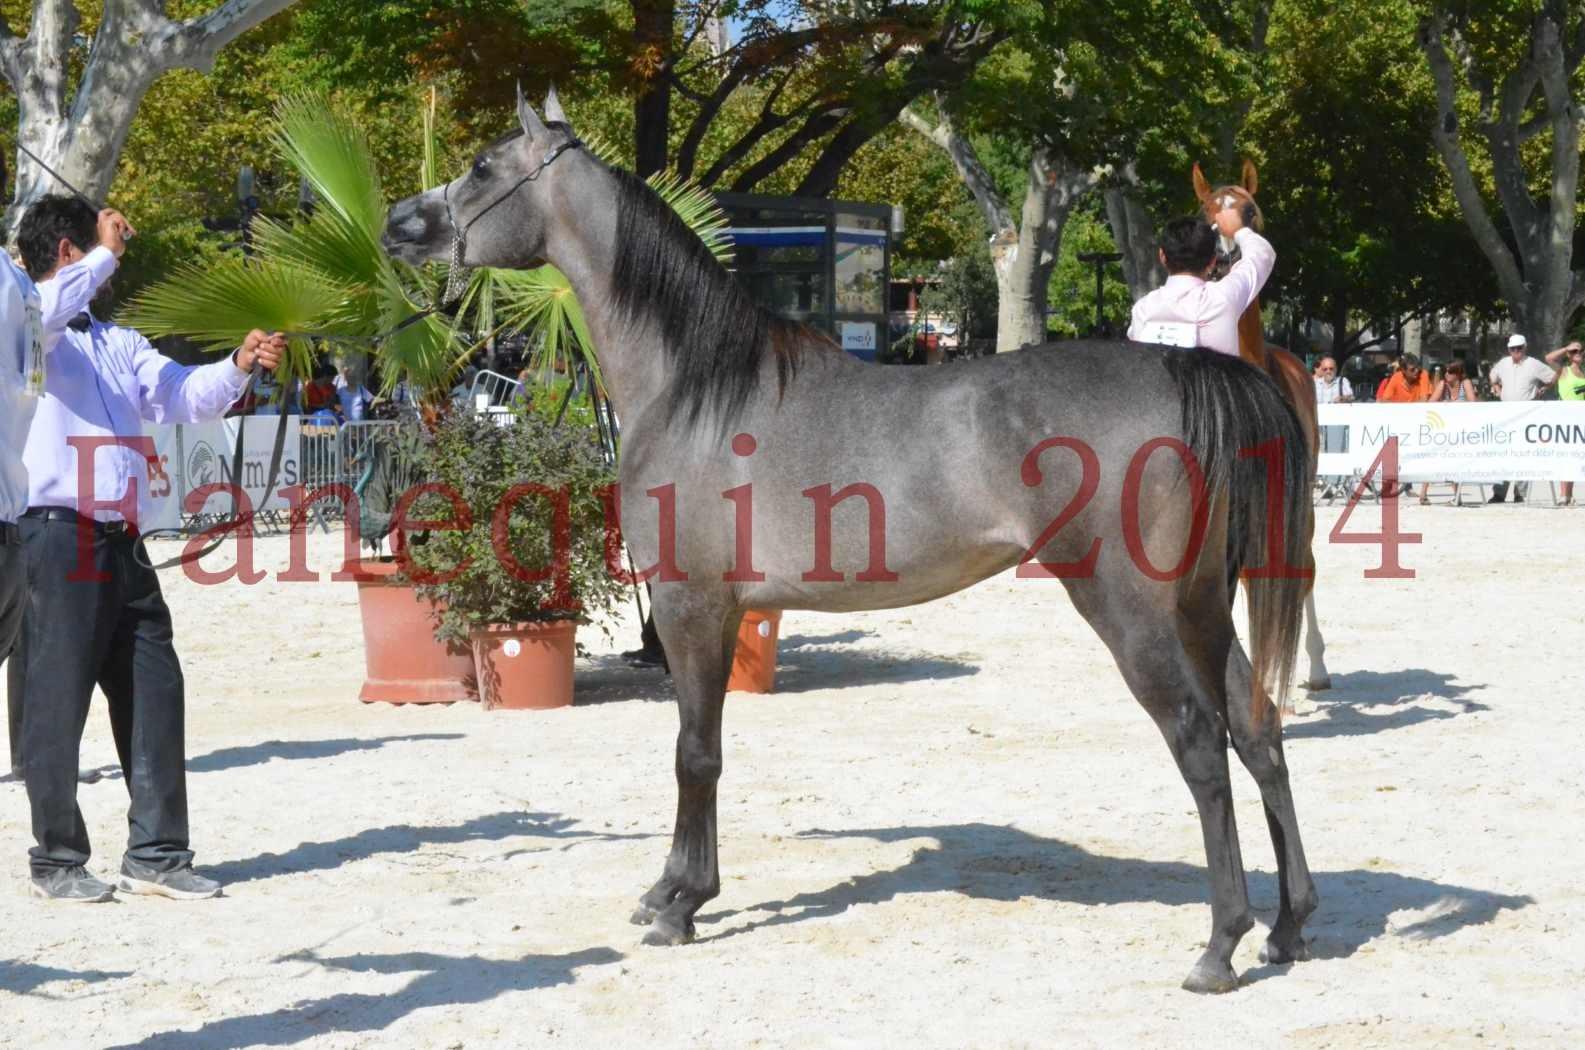 Concours National de Nîmes de chevaux ARABES 2014 - Championnat - JOSEPH'S BOUZIOLS - C 20